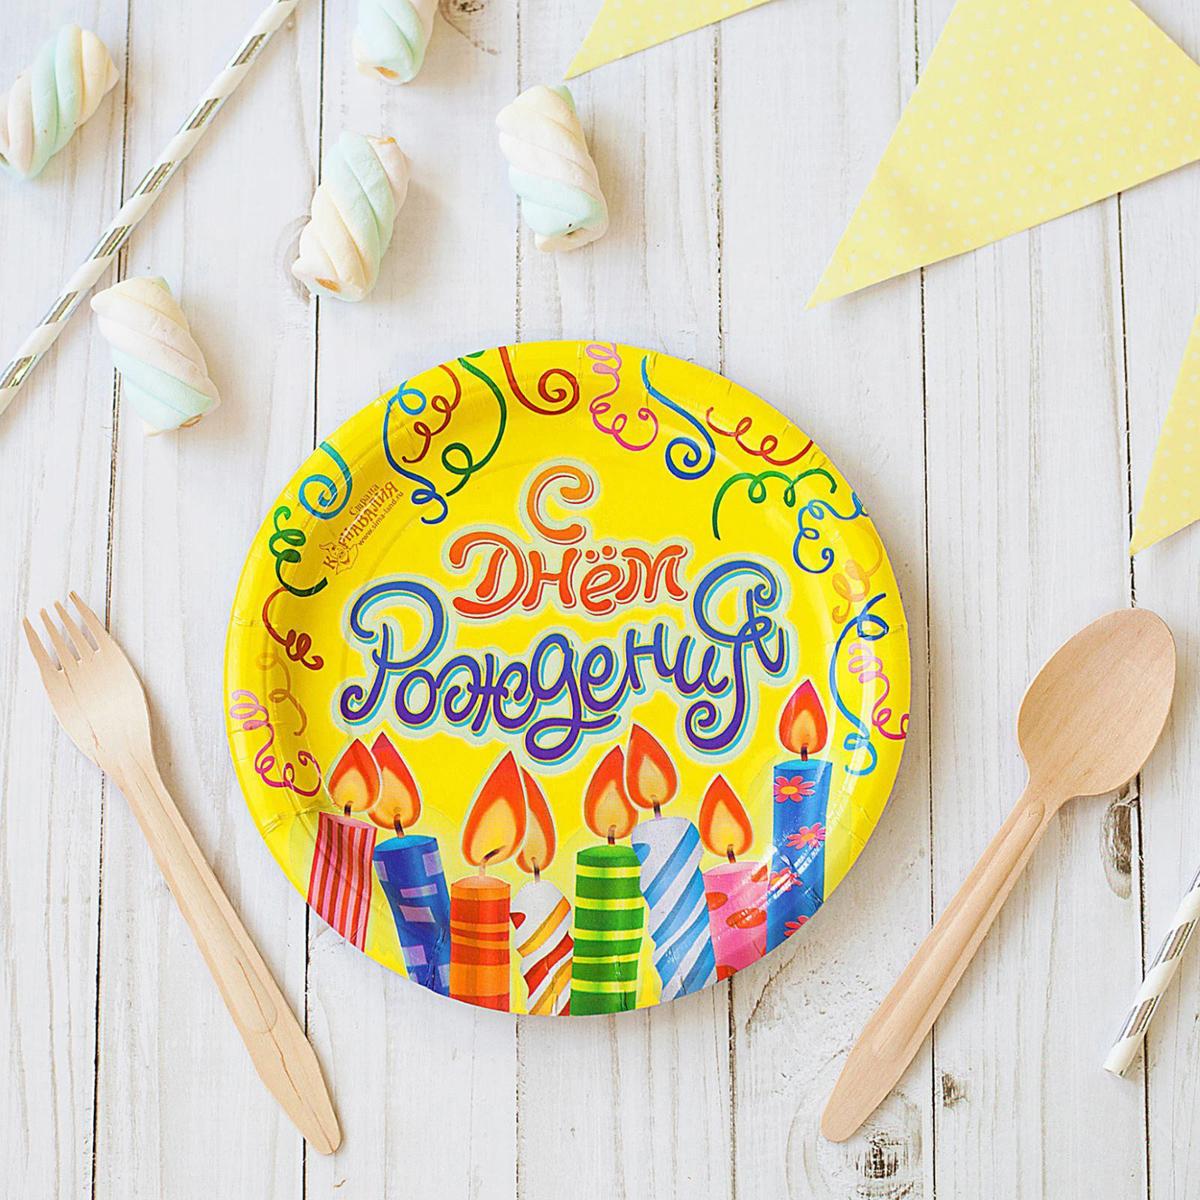 Страна Карнавалия Тарелка бумажная С Днем Рождения! Свечи и серпантин 18 см 6 шт 334181 страна карнавалия шар воздушный с днем рождения корона 5 шт